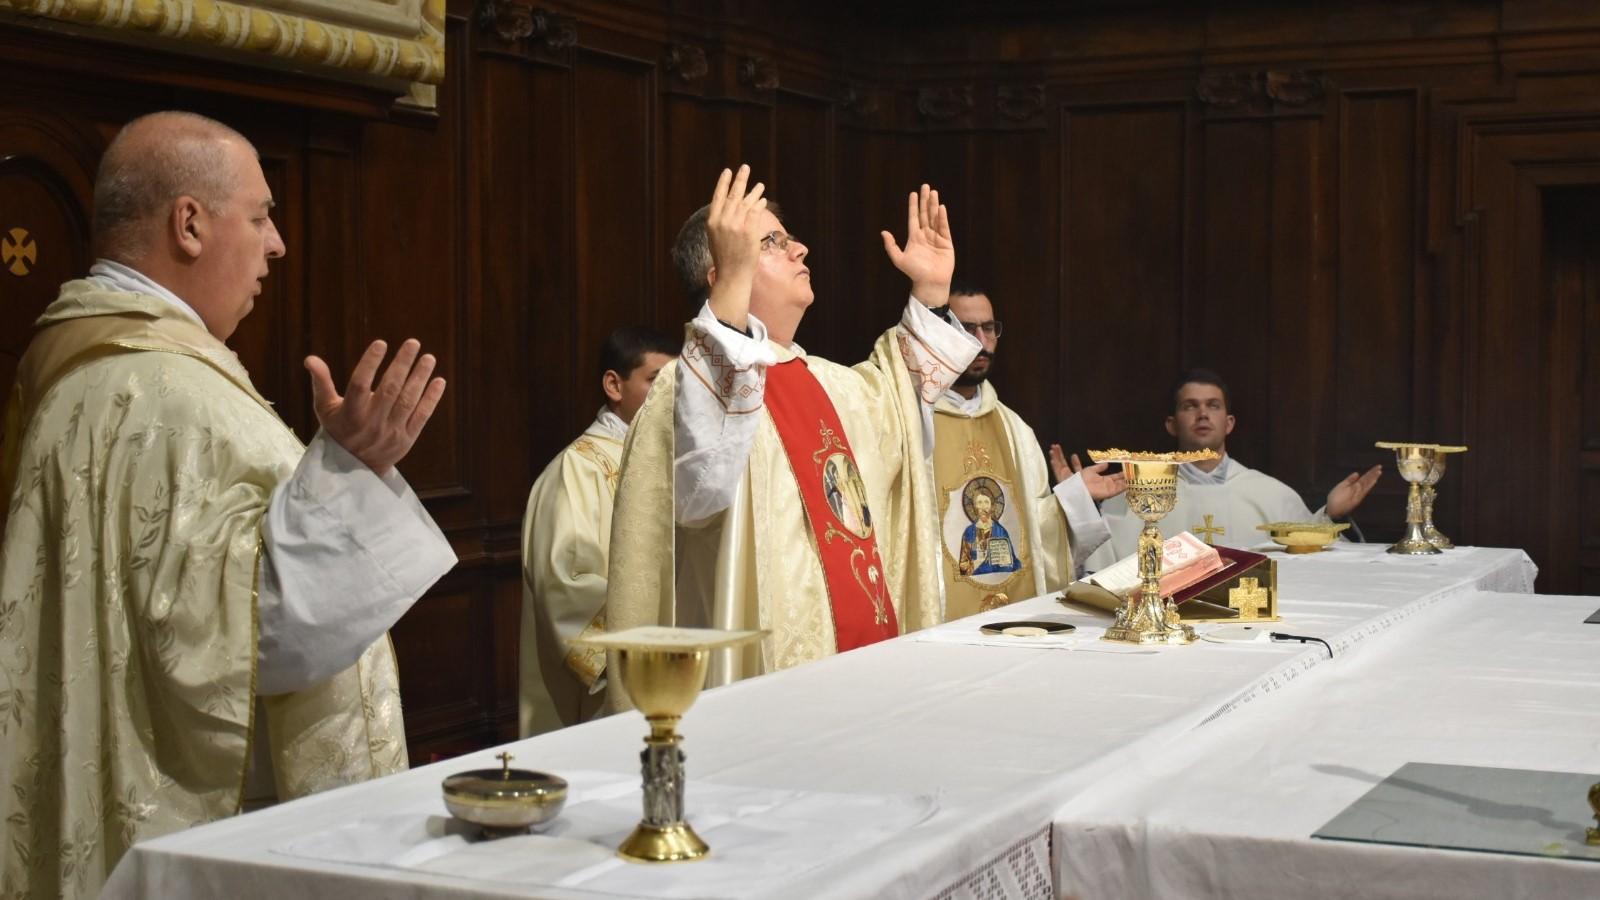 Misa en árabe con ocasión de la fiesta de San Juan Damasceno en Italia